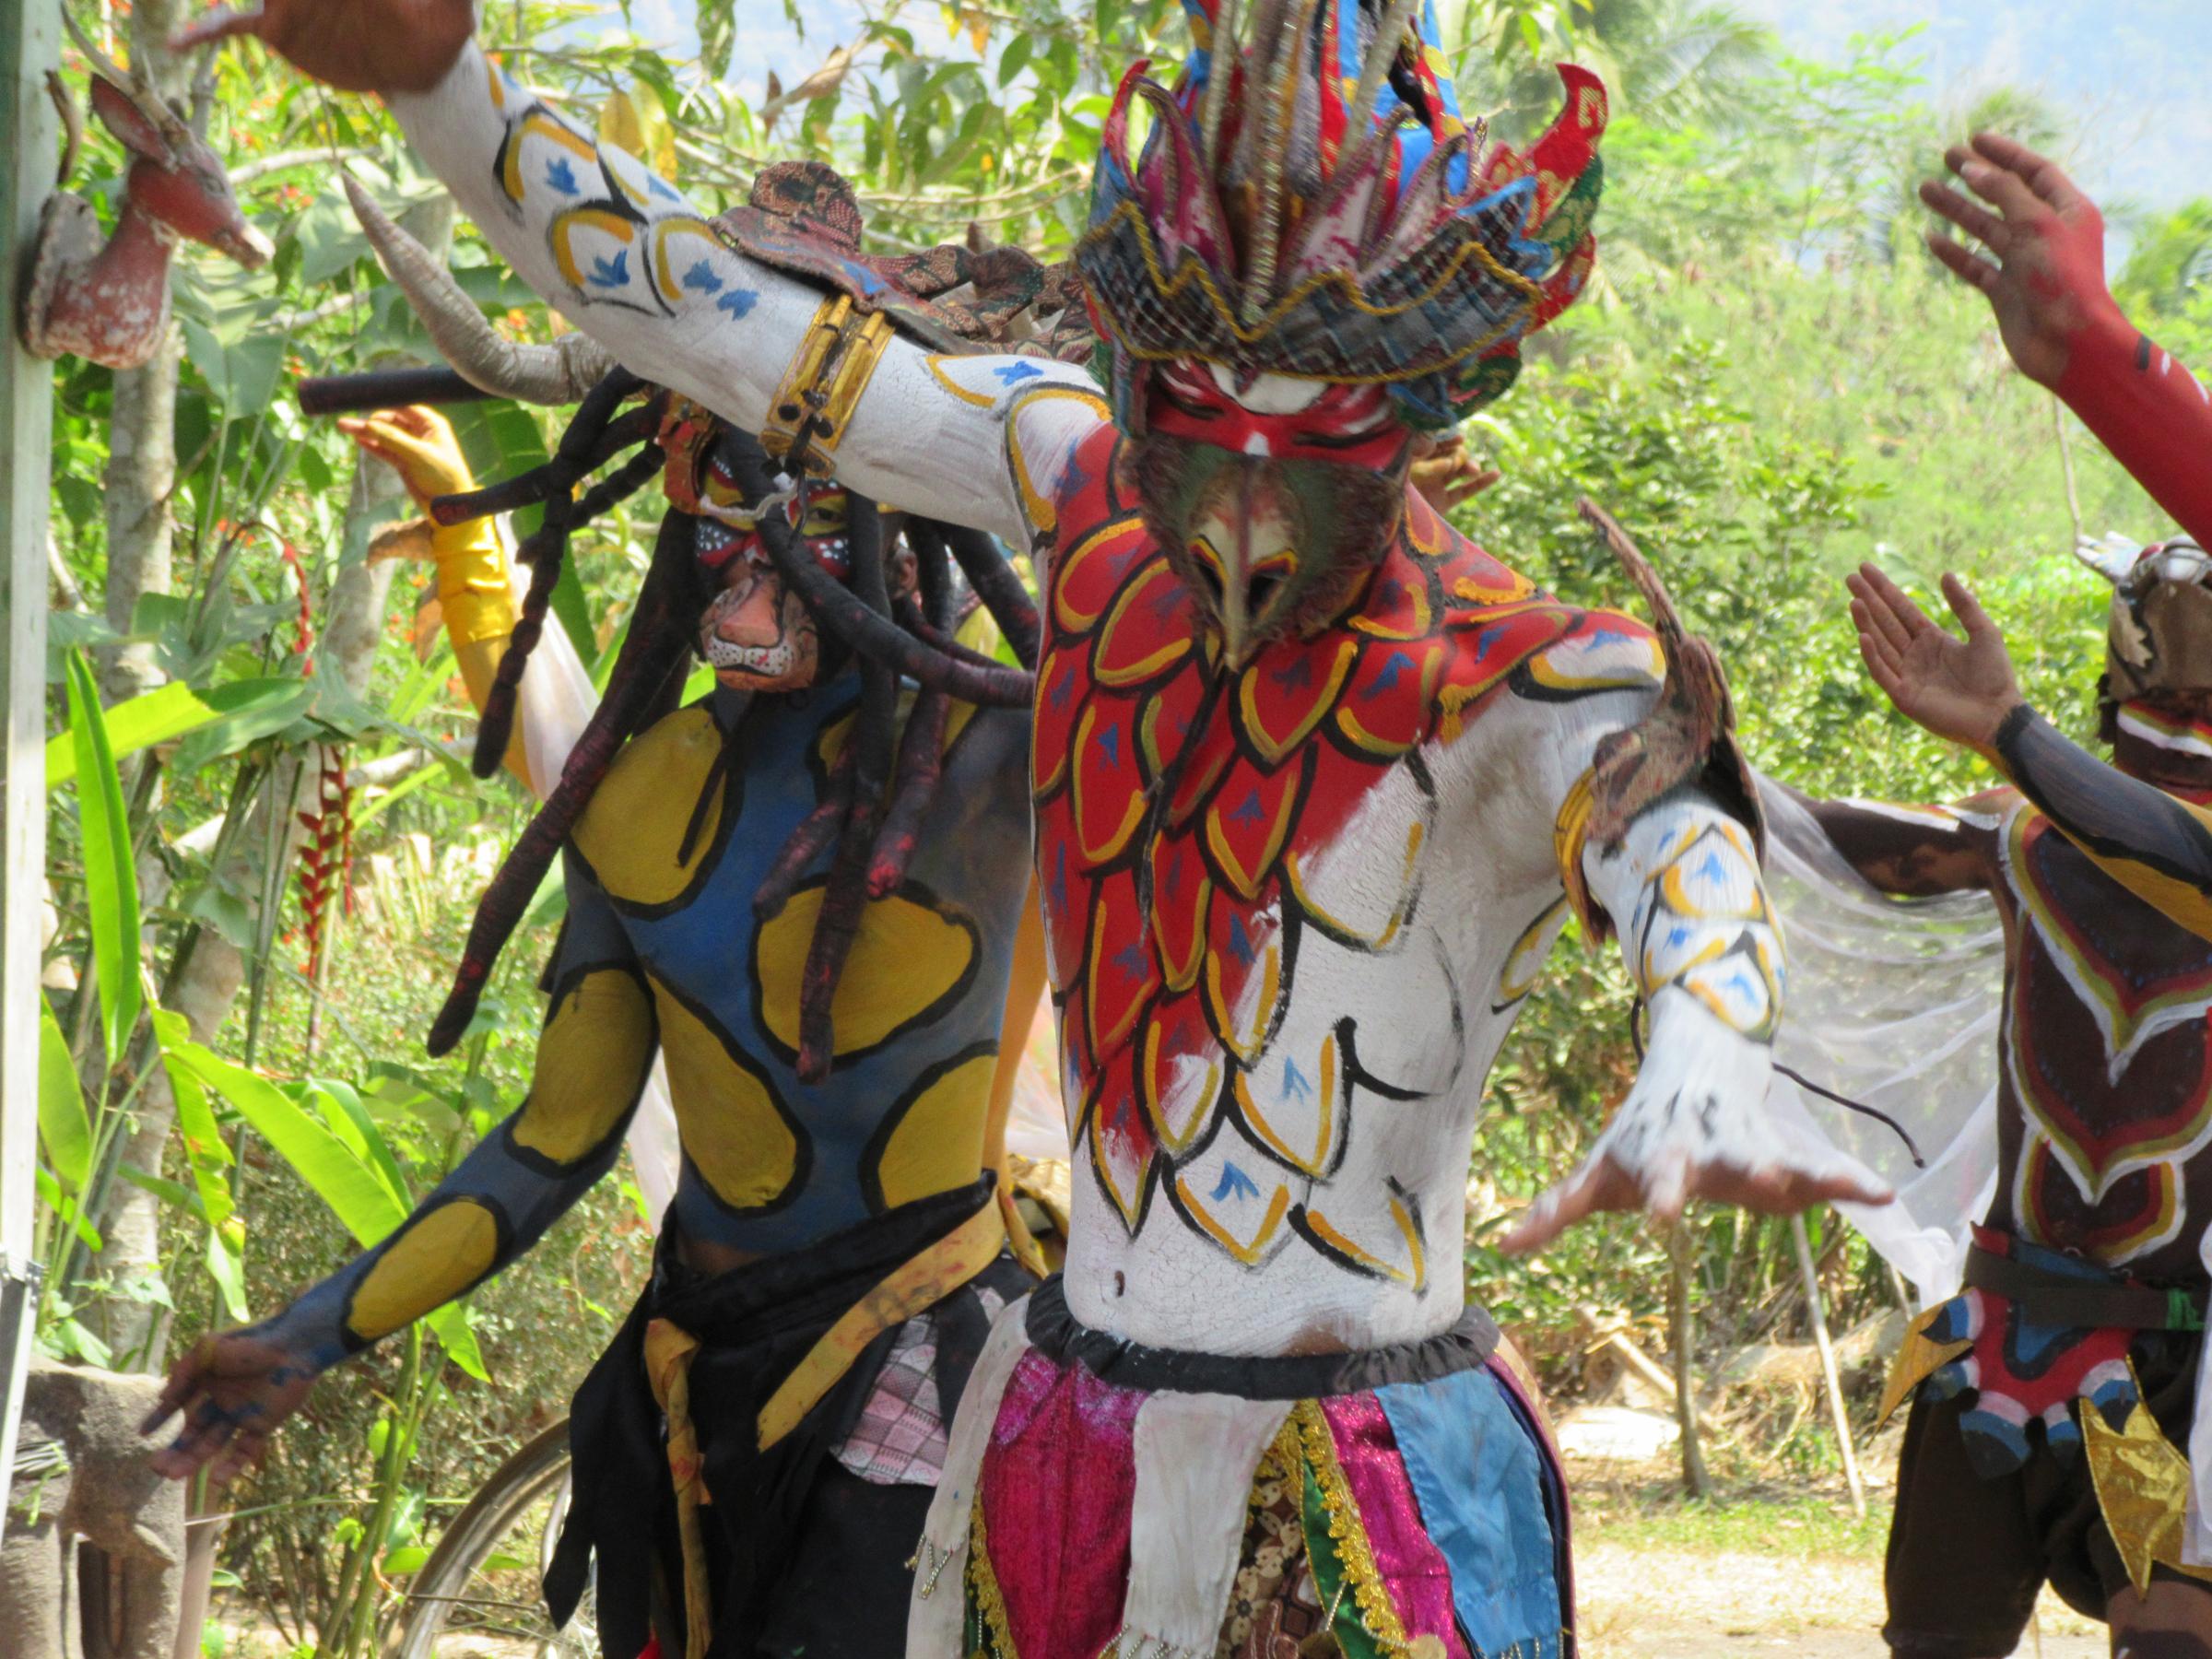 h_Limanjawi Art House_dancers 3.jpg